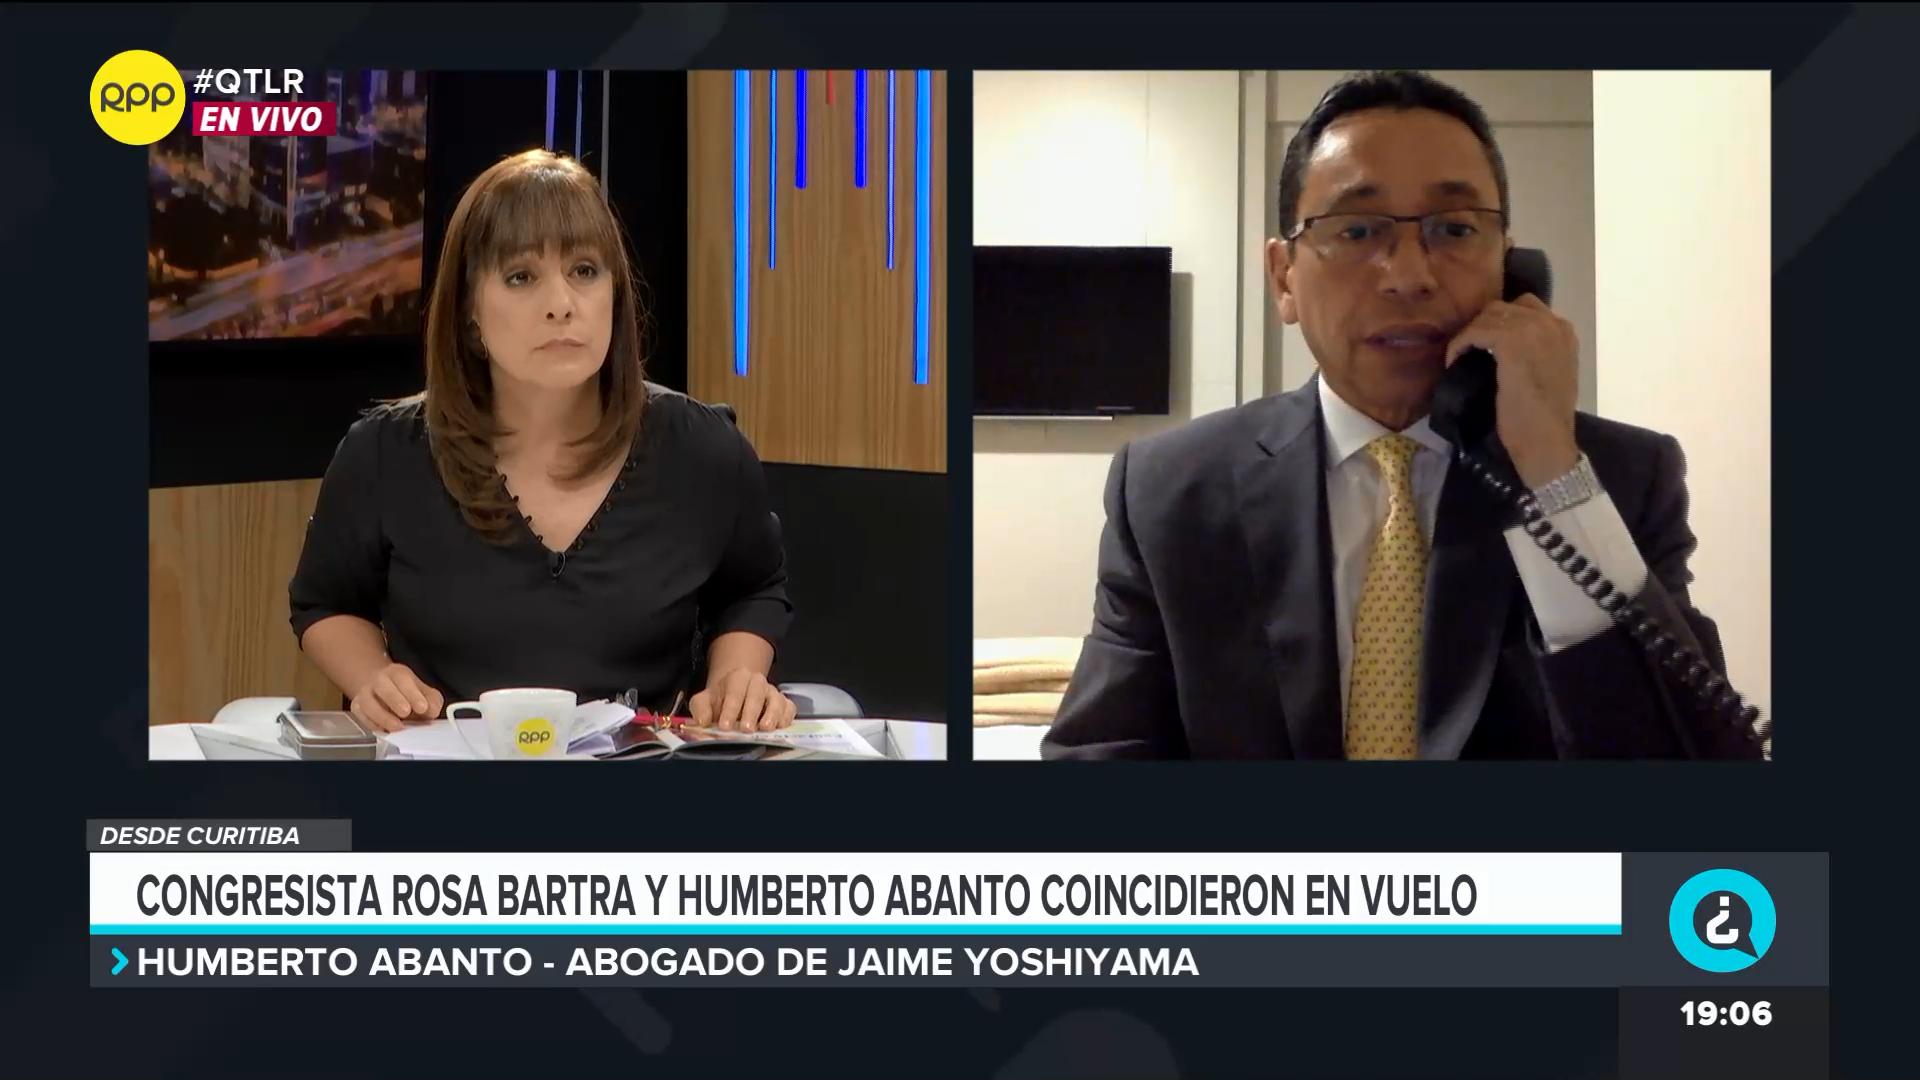 El abogado descartó haber coordinado la defensa de Jaime Yoshiyama con Rosa Bartra.